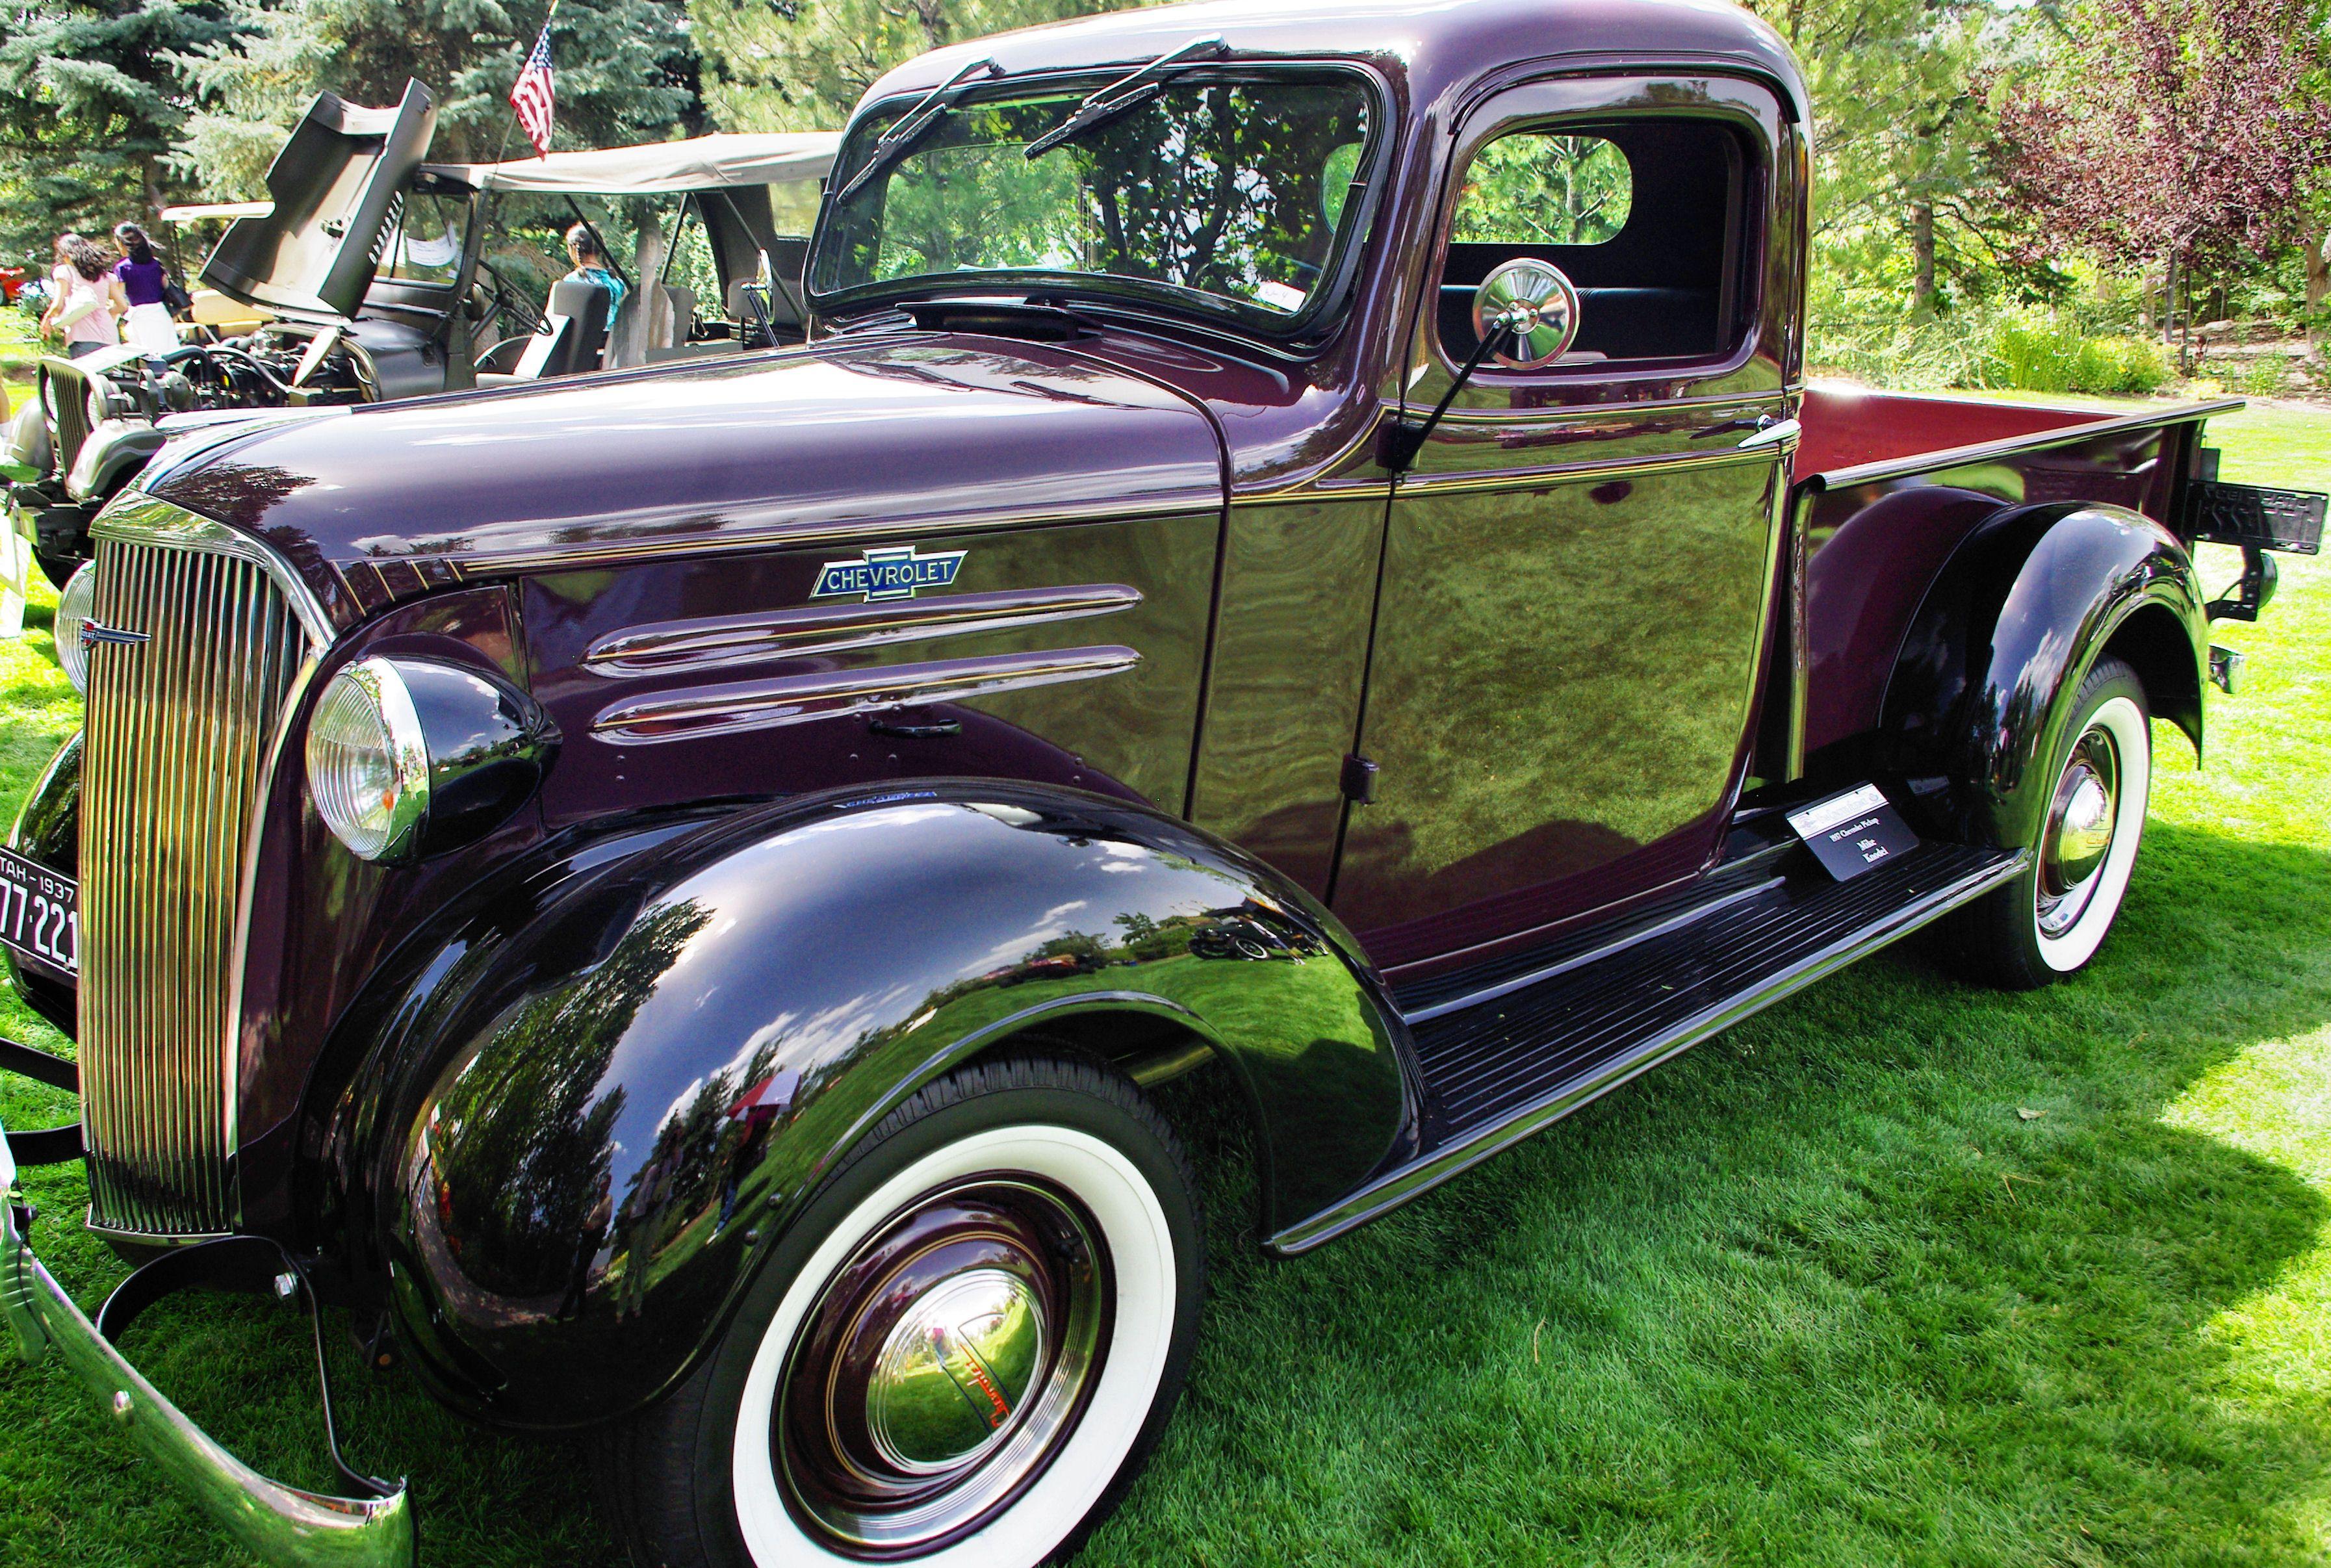 Purple vintage truck | Eggplant | Pinterest | Vintage trucks ...